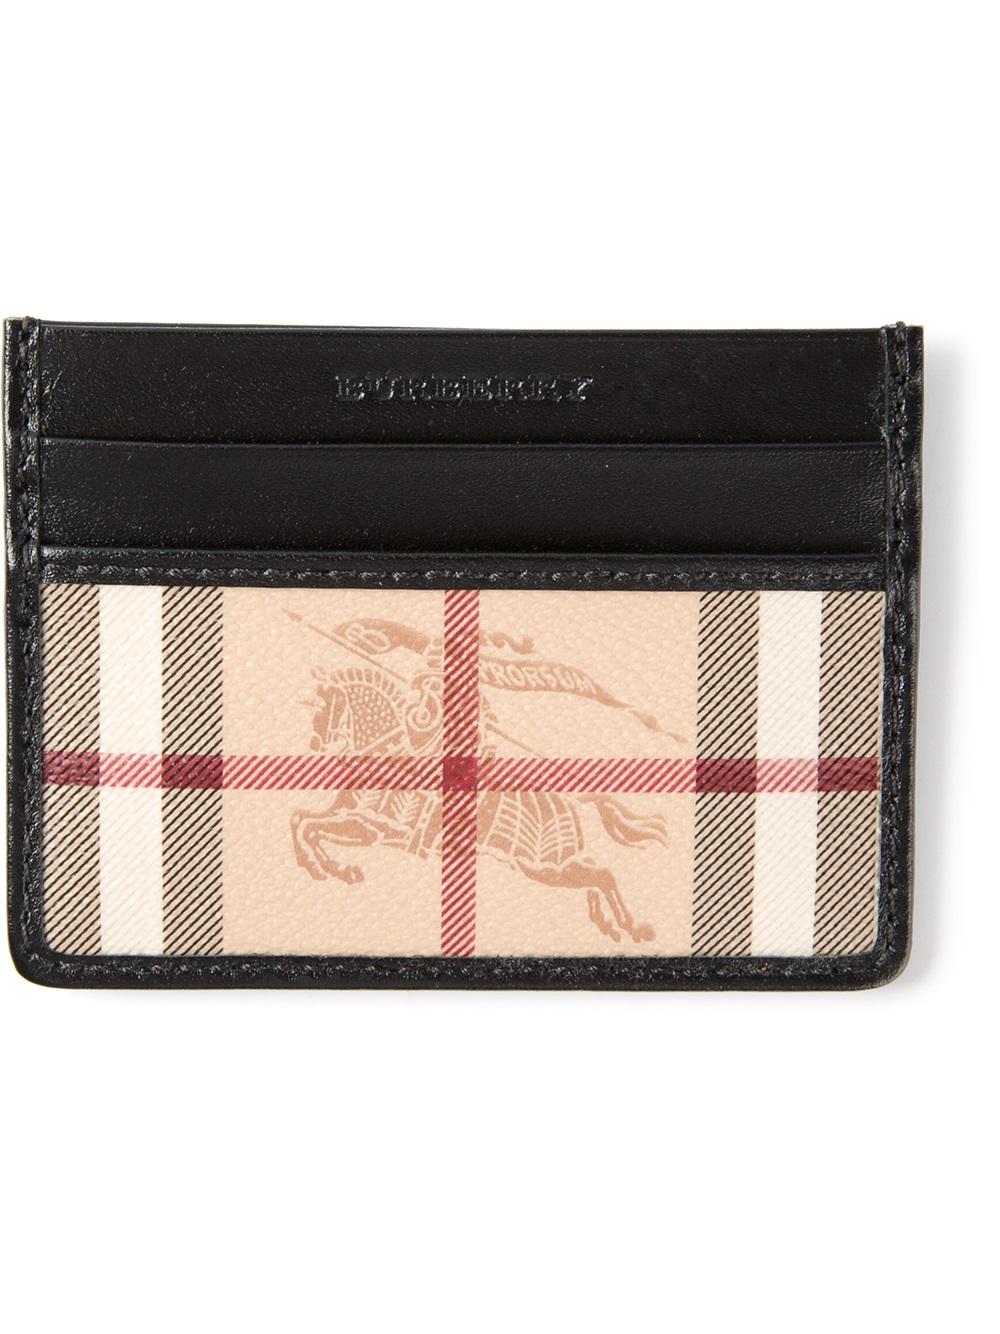 cheaper 15c21 6c227 Burberry Multicolor Sandon Card Holder for men